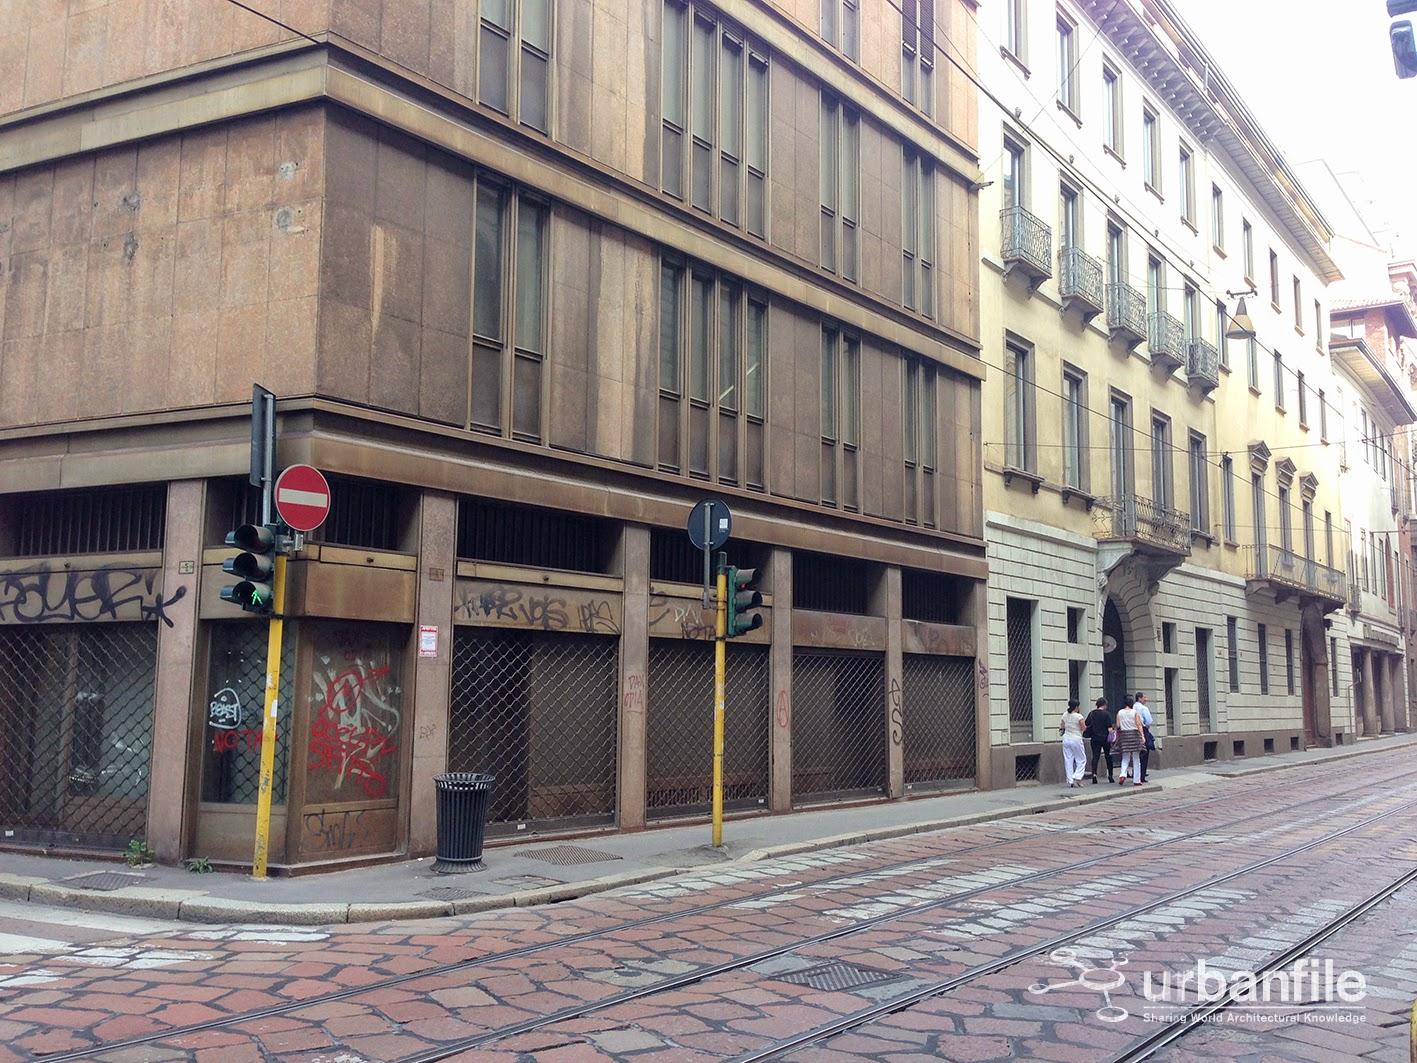 urbanfile milano zona centro storico quel vuoto cos